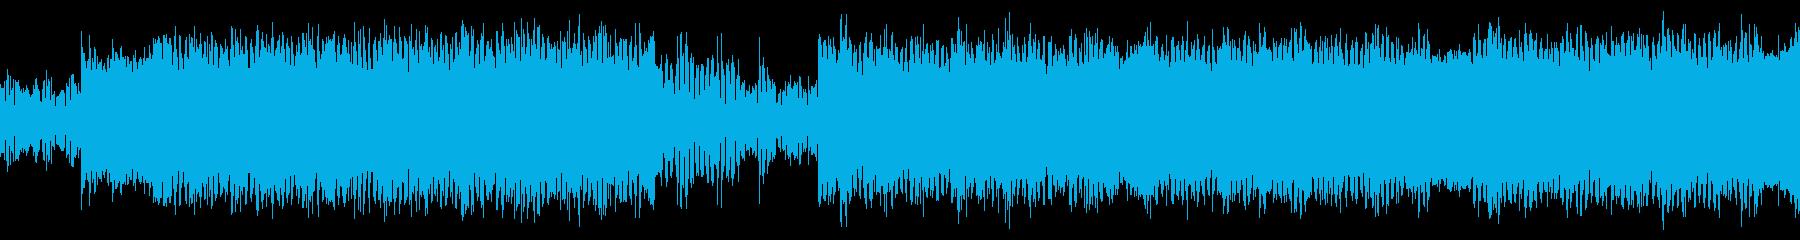 サイケデリック、SFシューティングBGMの再生済みの波形